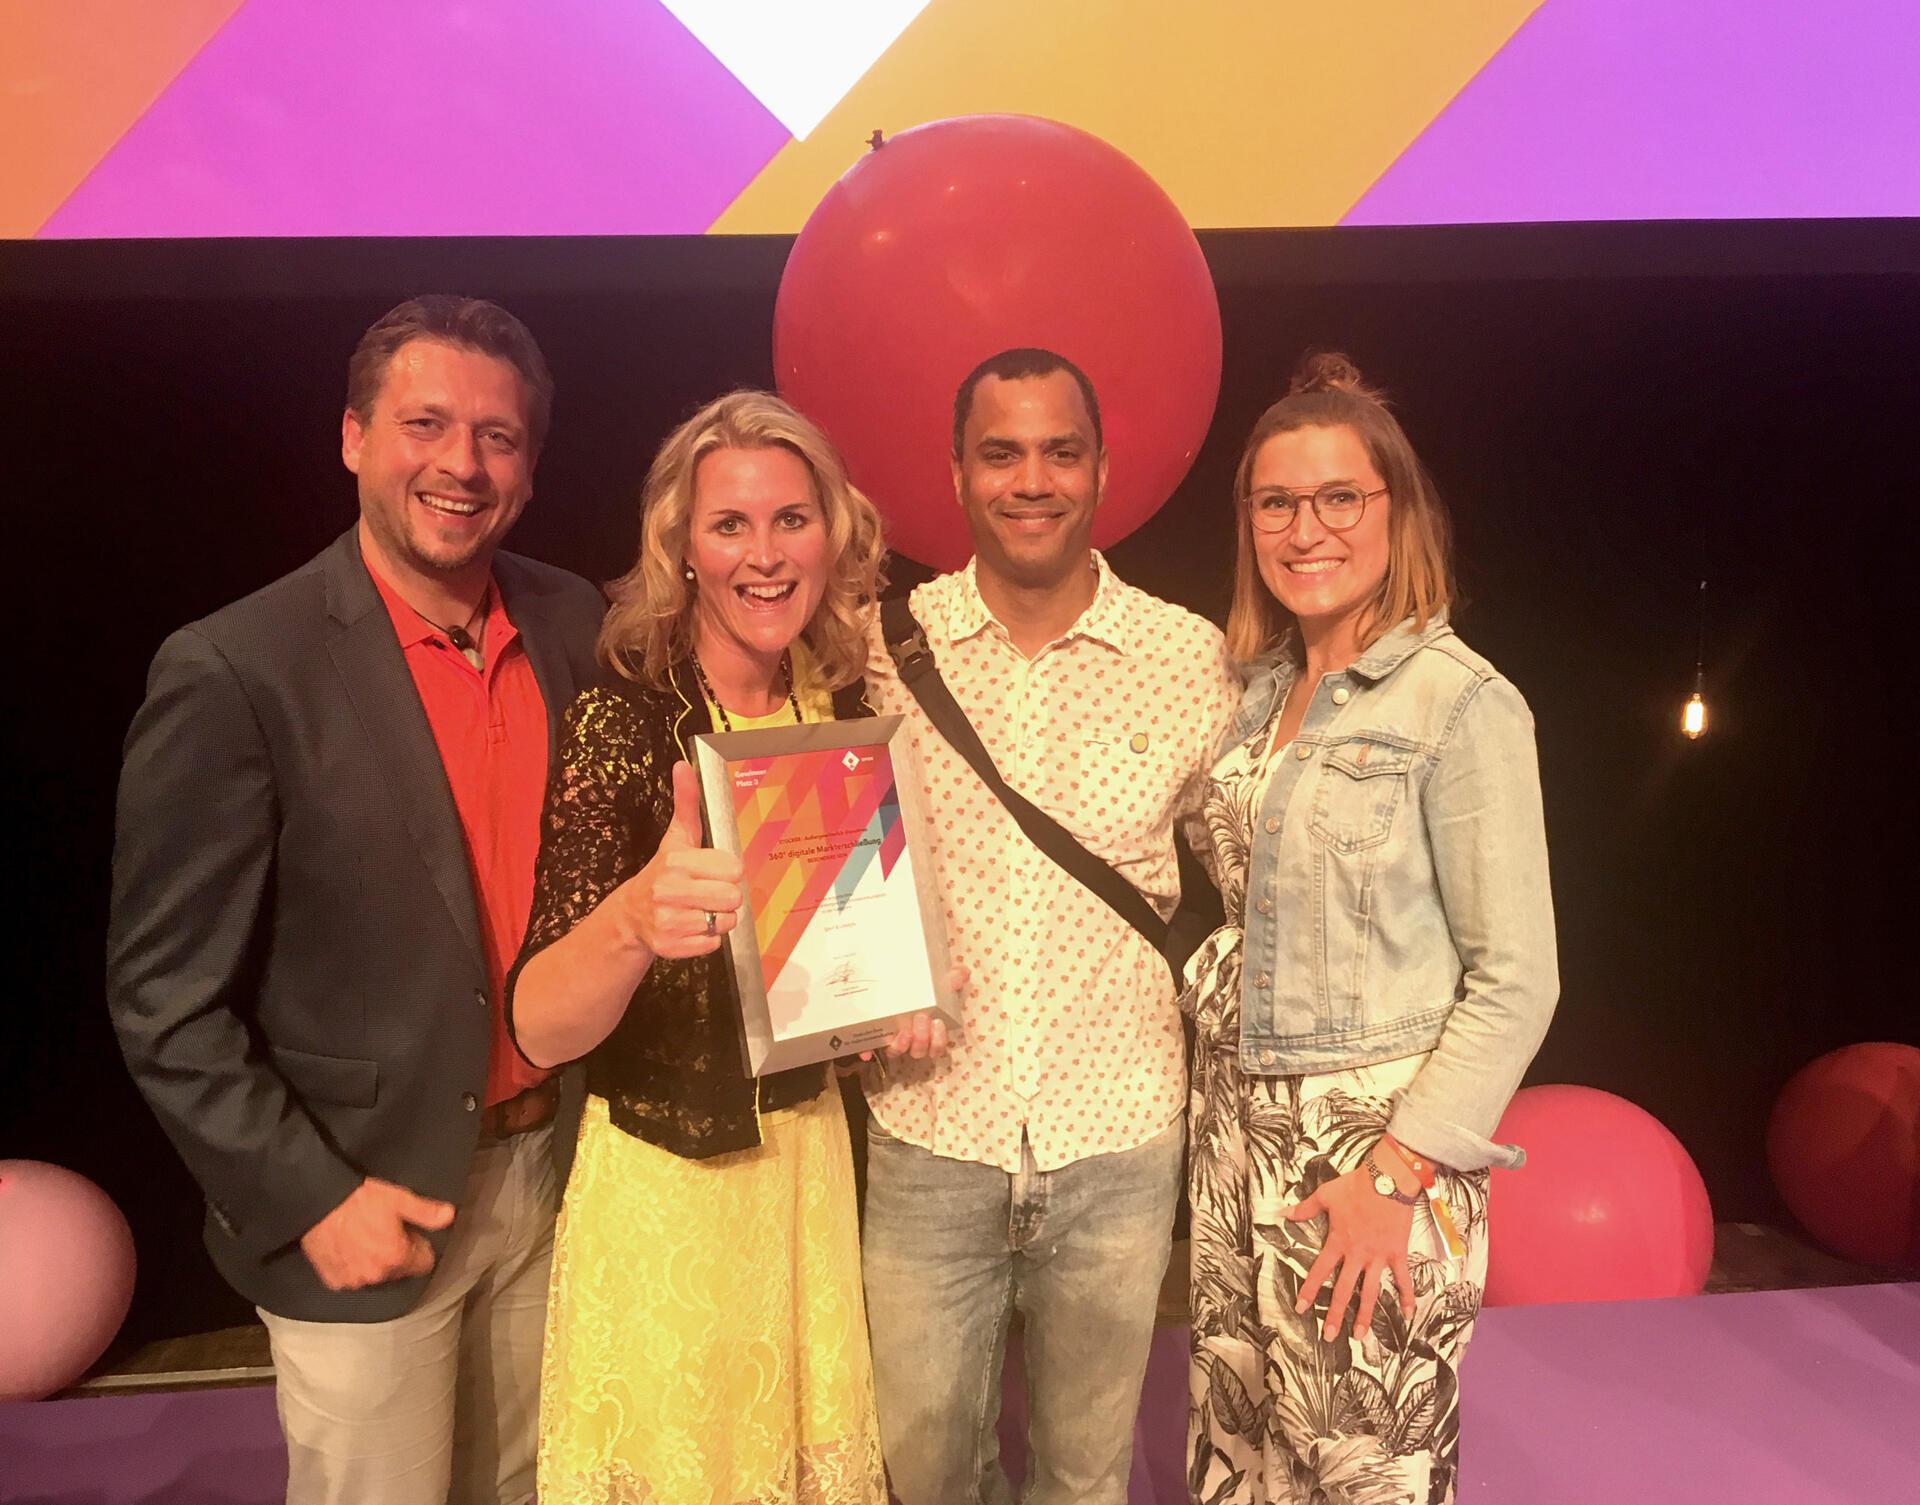 BESONDERS SEIN wird mit dem Deutschen Preis für Onlinekommunikation ausgezeichnet